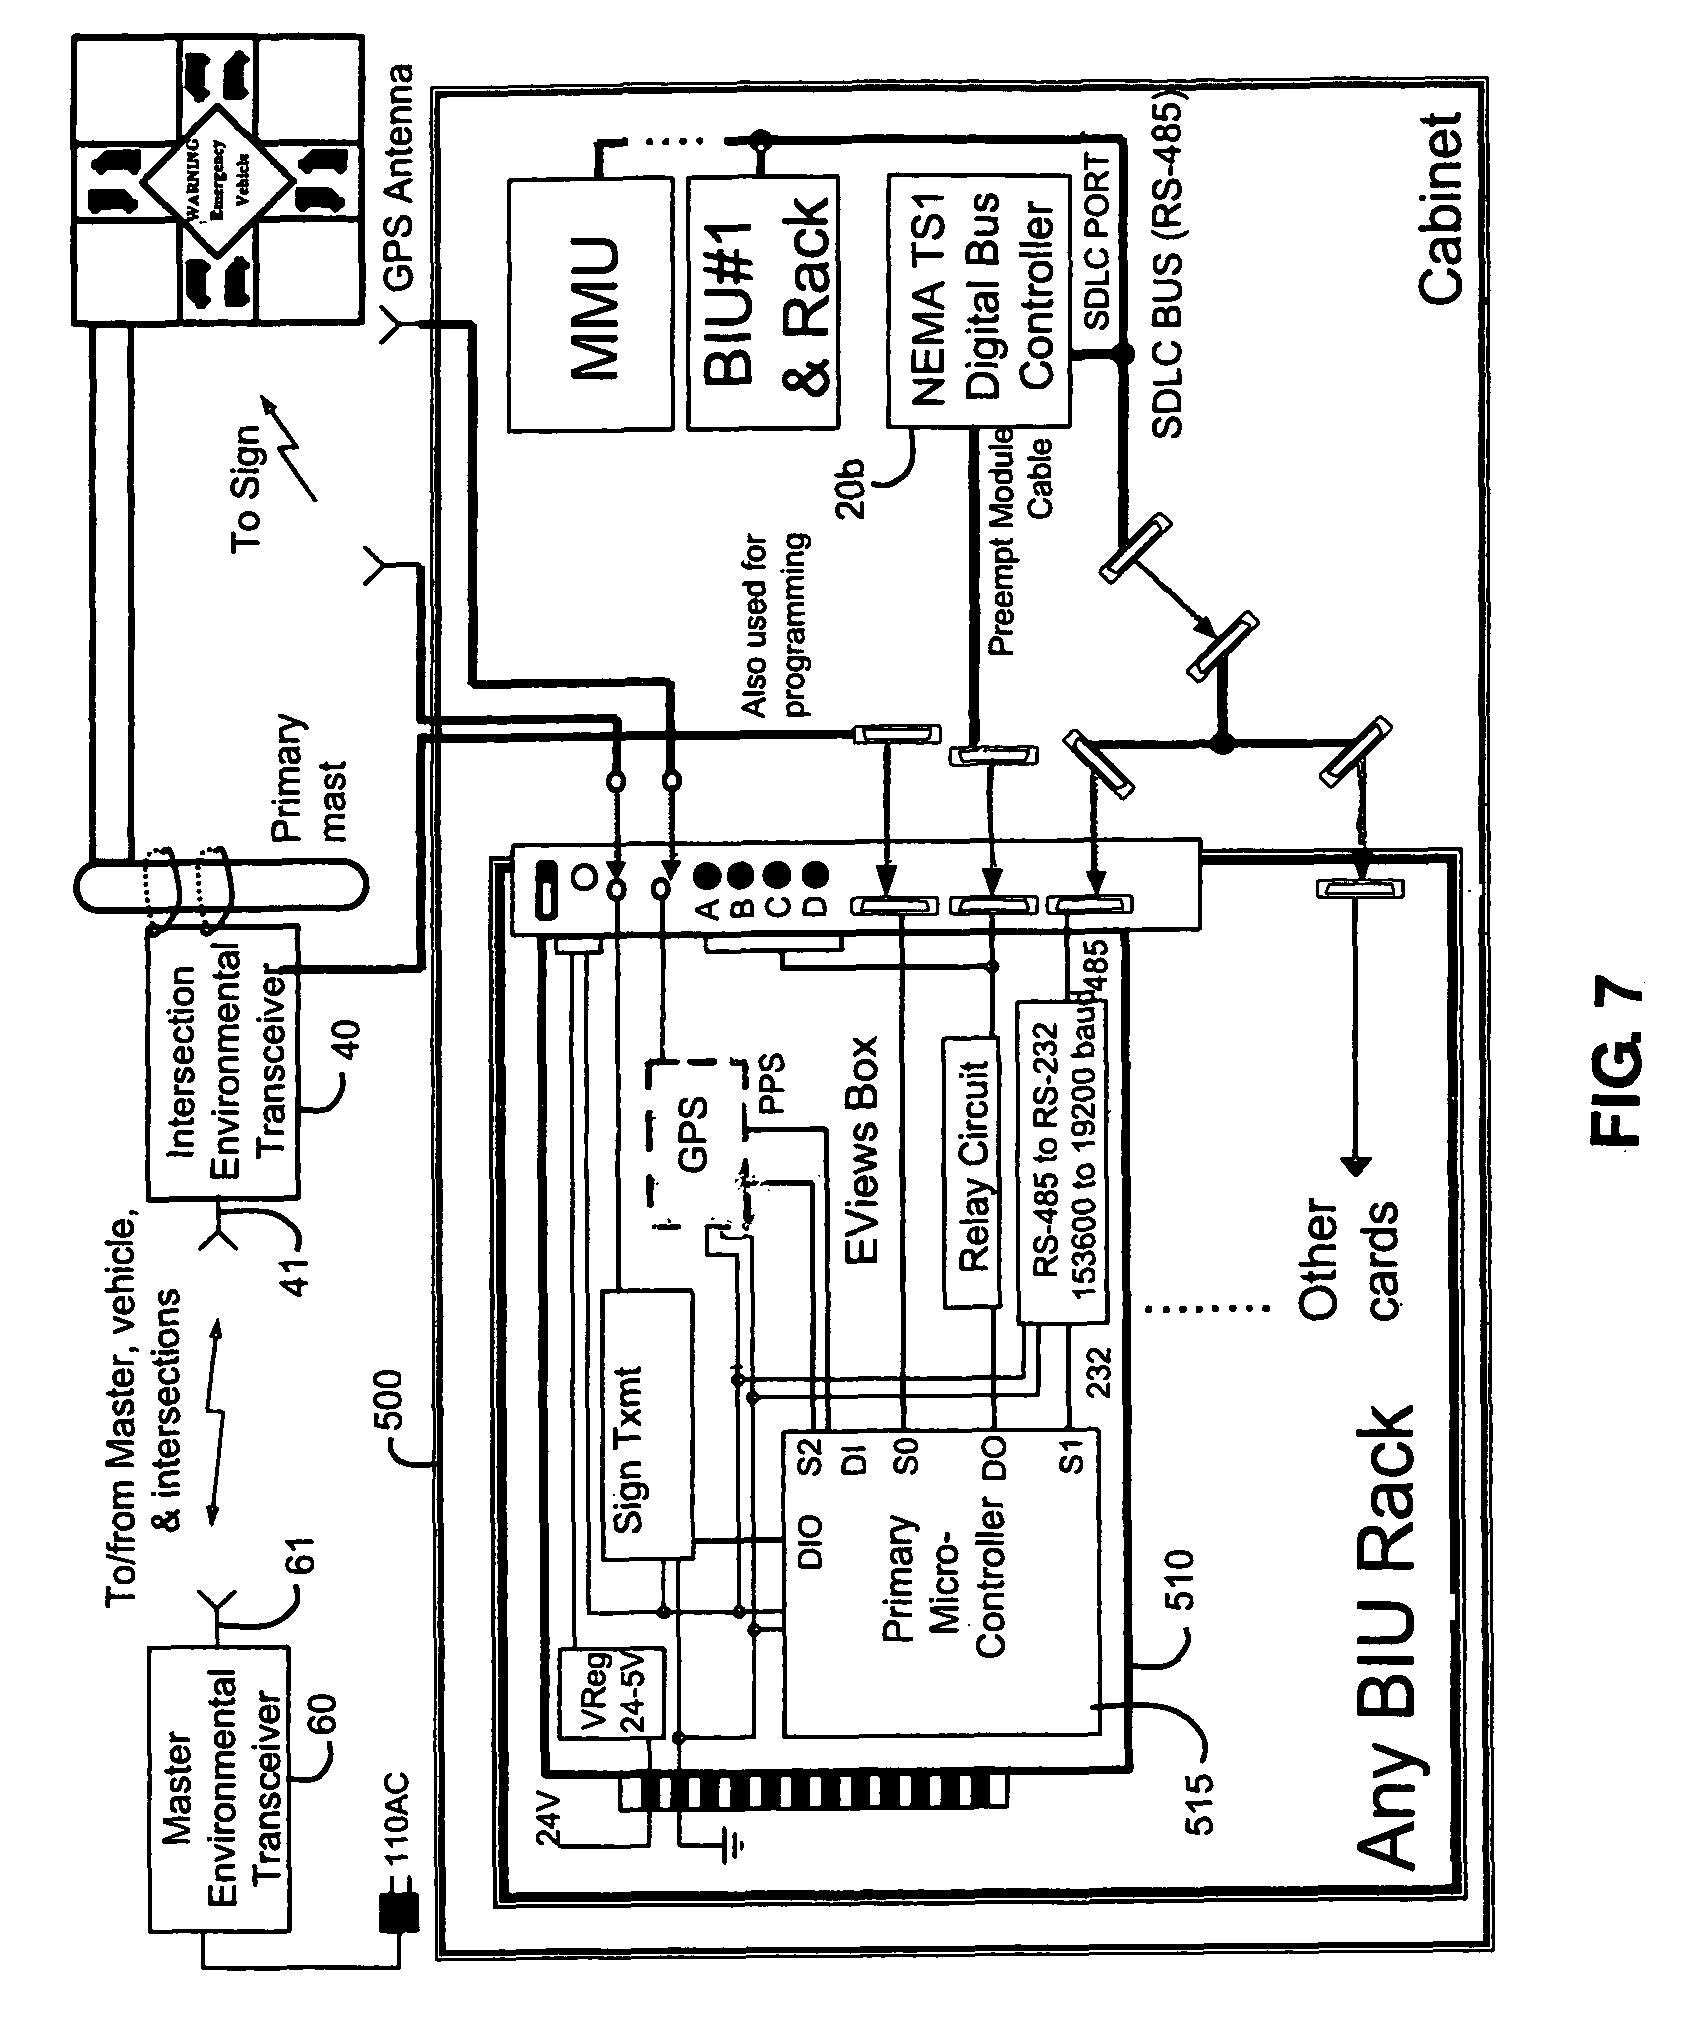 patent us7864071